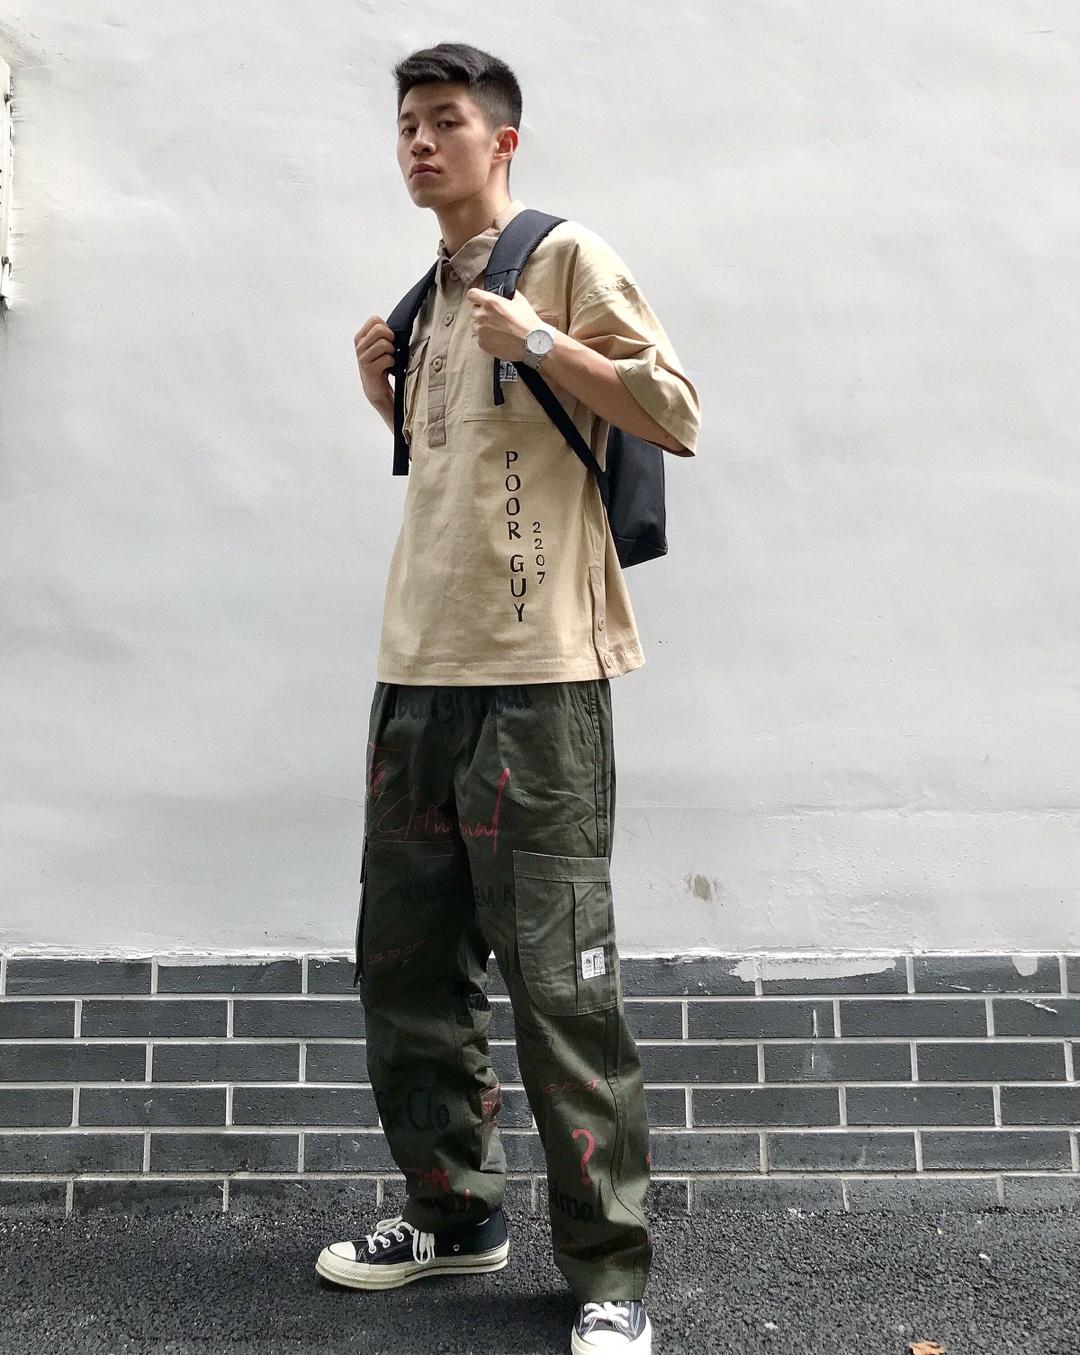 #今夏最爆t恤长什么样# 这一套还是蛮工装的,卡其色的polo衫加军绿色的工装长裤,比较喜欢裤子上的涂鸦,哈哈哈,还挺有个性,再来一个双肩包,奶思